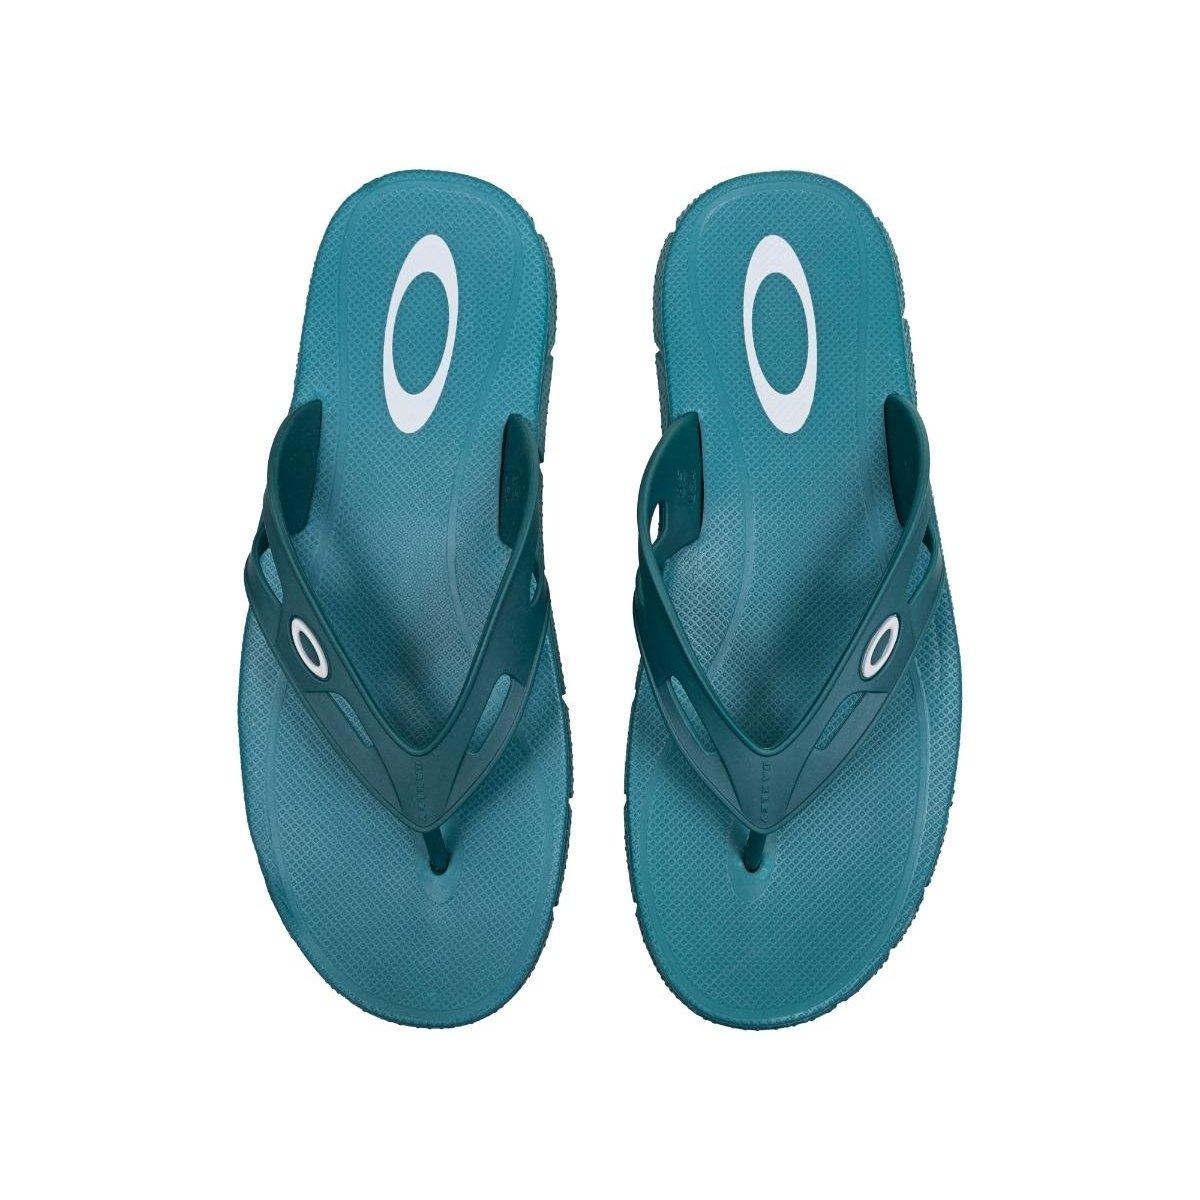 1e68265881c07 Chinelo Oakley Operative 2.0 - Verde - Compre Agora   Zattini